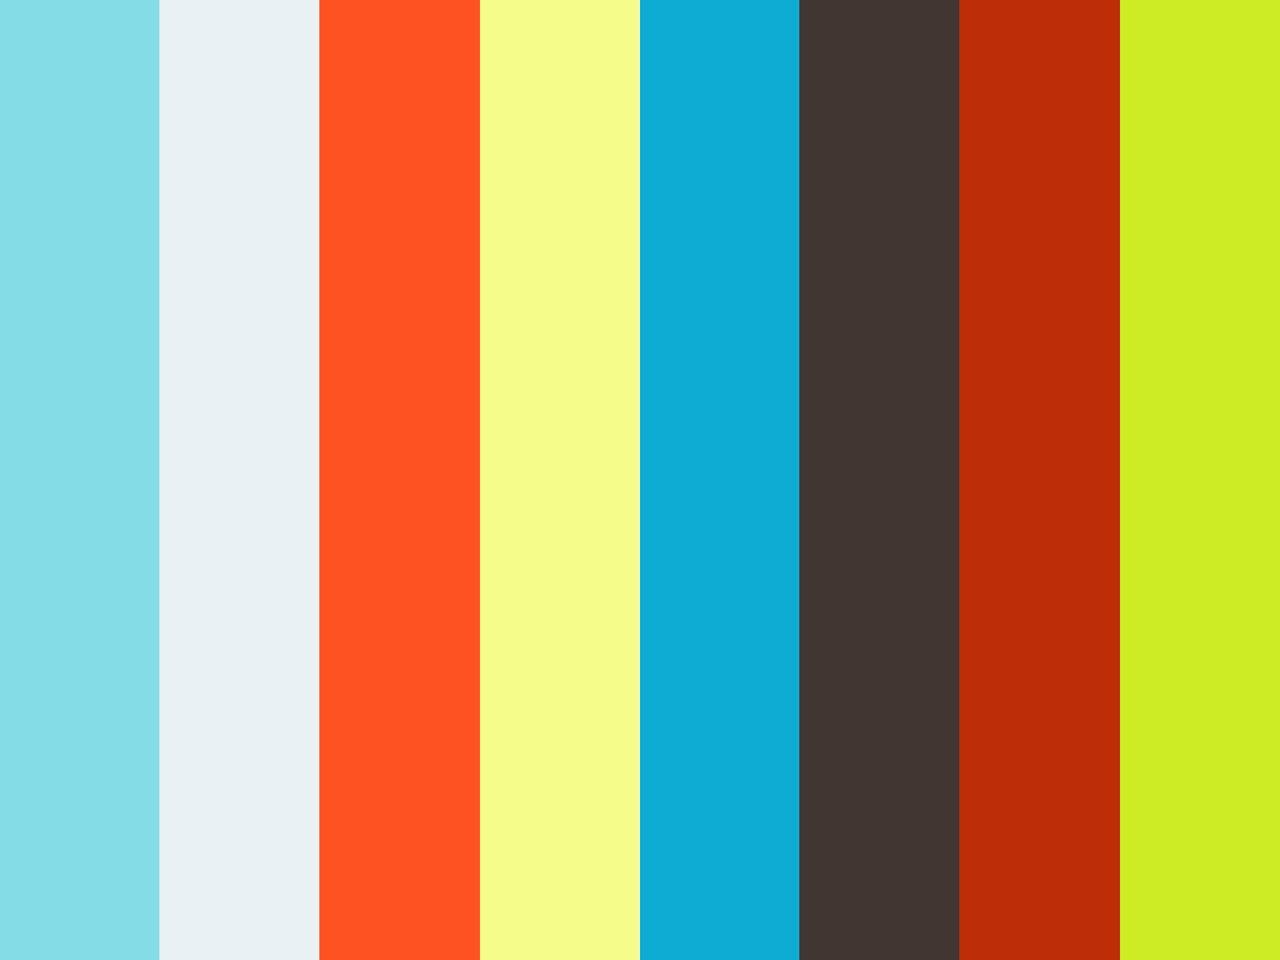 Şehir Kırıkları / City Fragments - 3 // Irkçılık Nedir? / What is Racism?